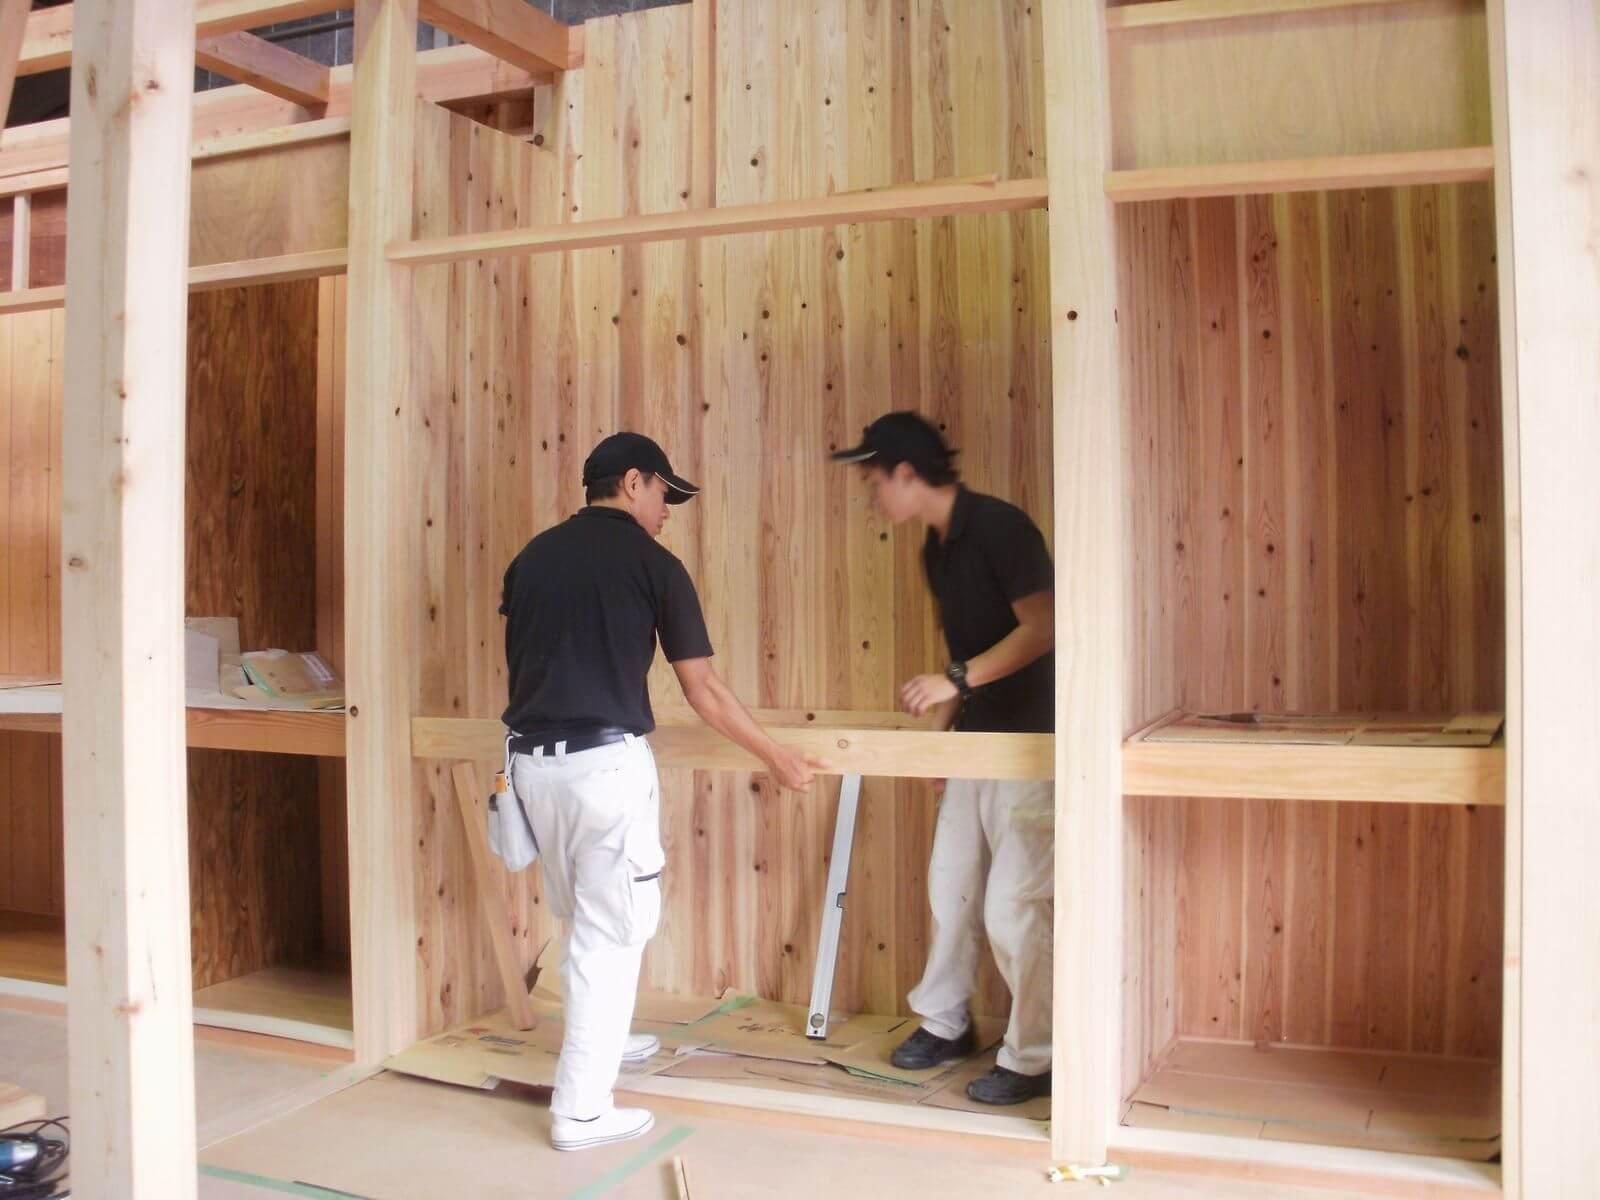 造建築科木造軸組構法の模擬住宅を建築